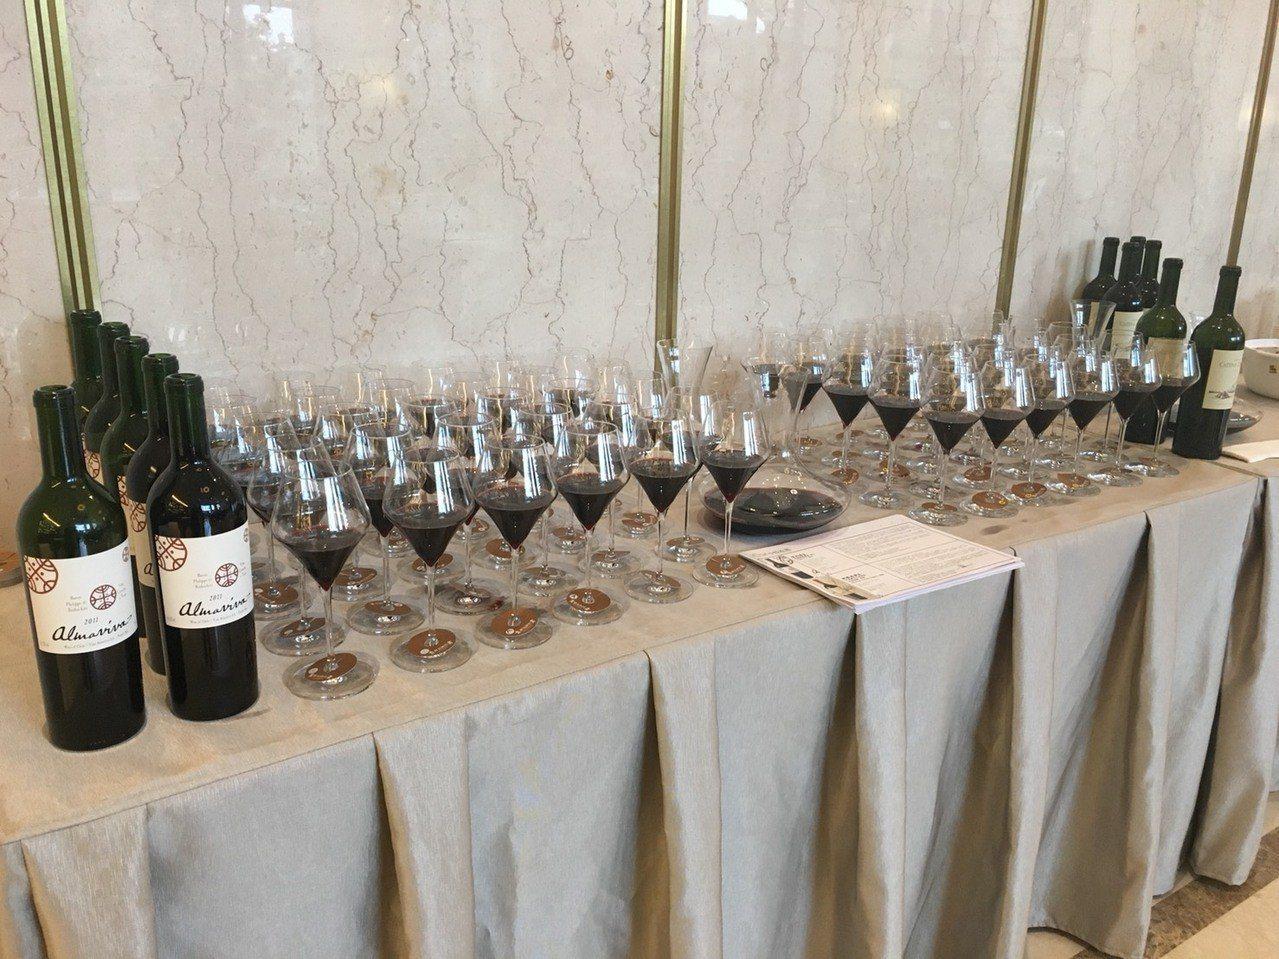 活動現場提供頂級葡萄酒供住戶品嚐。 業者/提供。